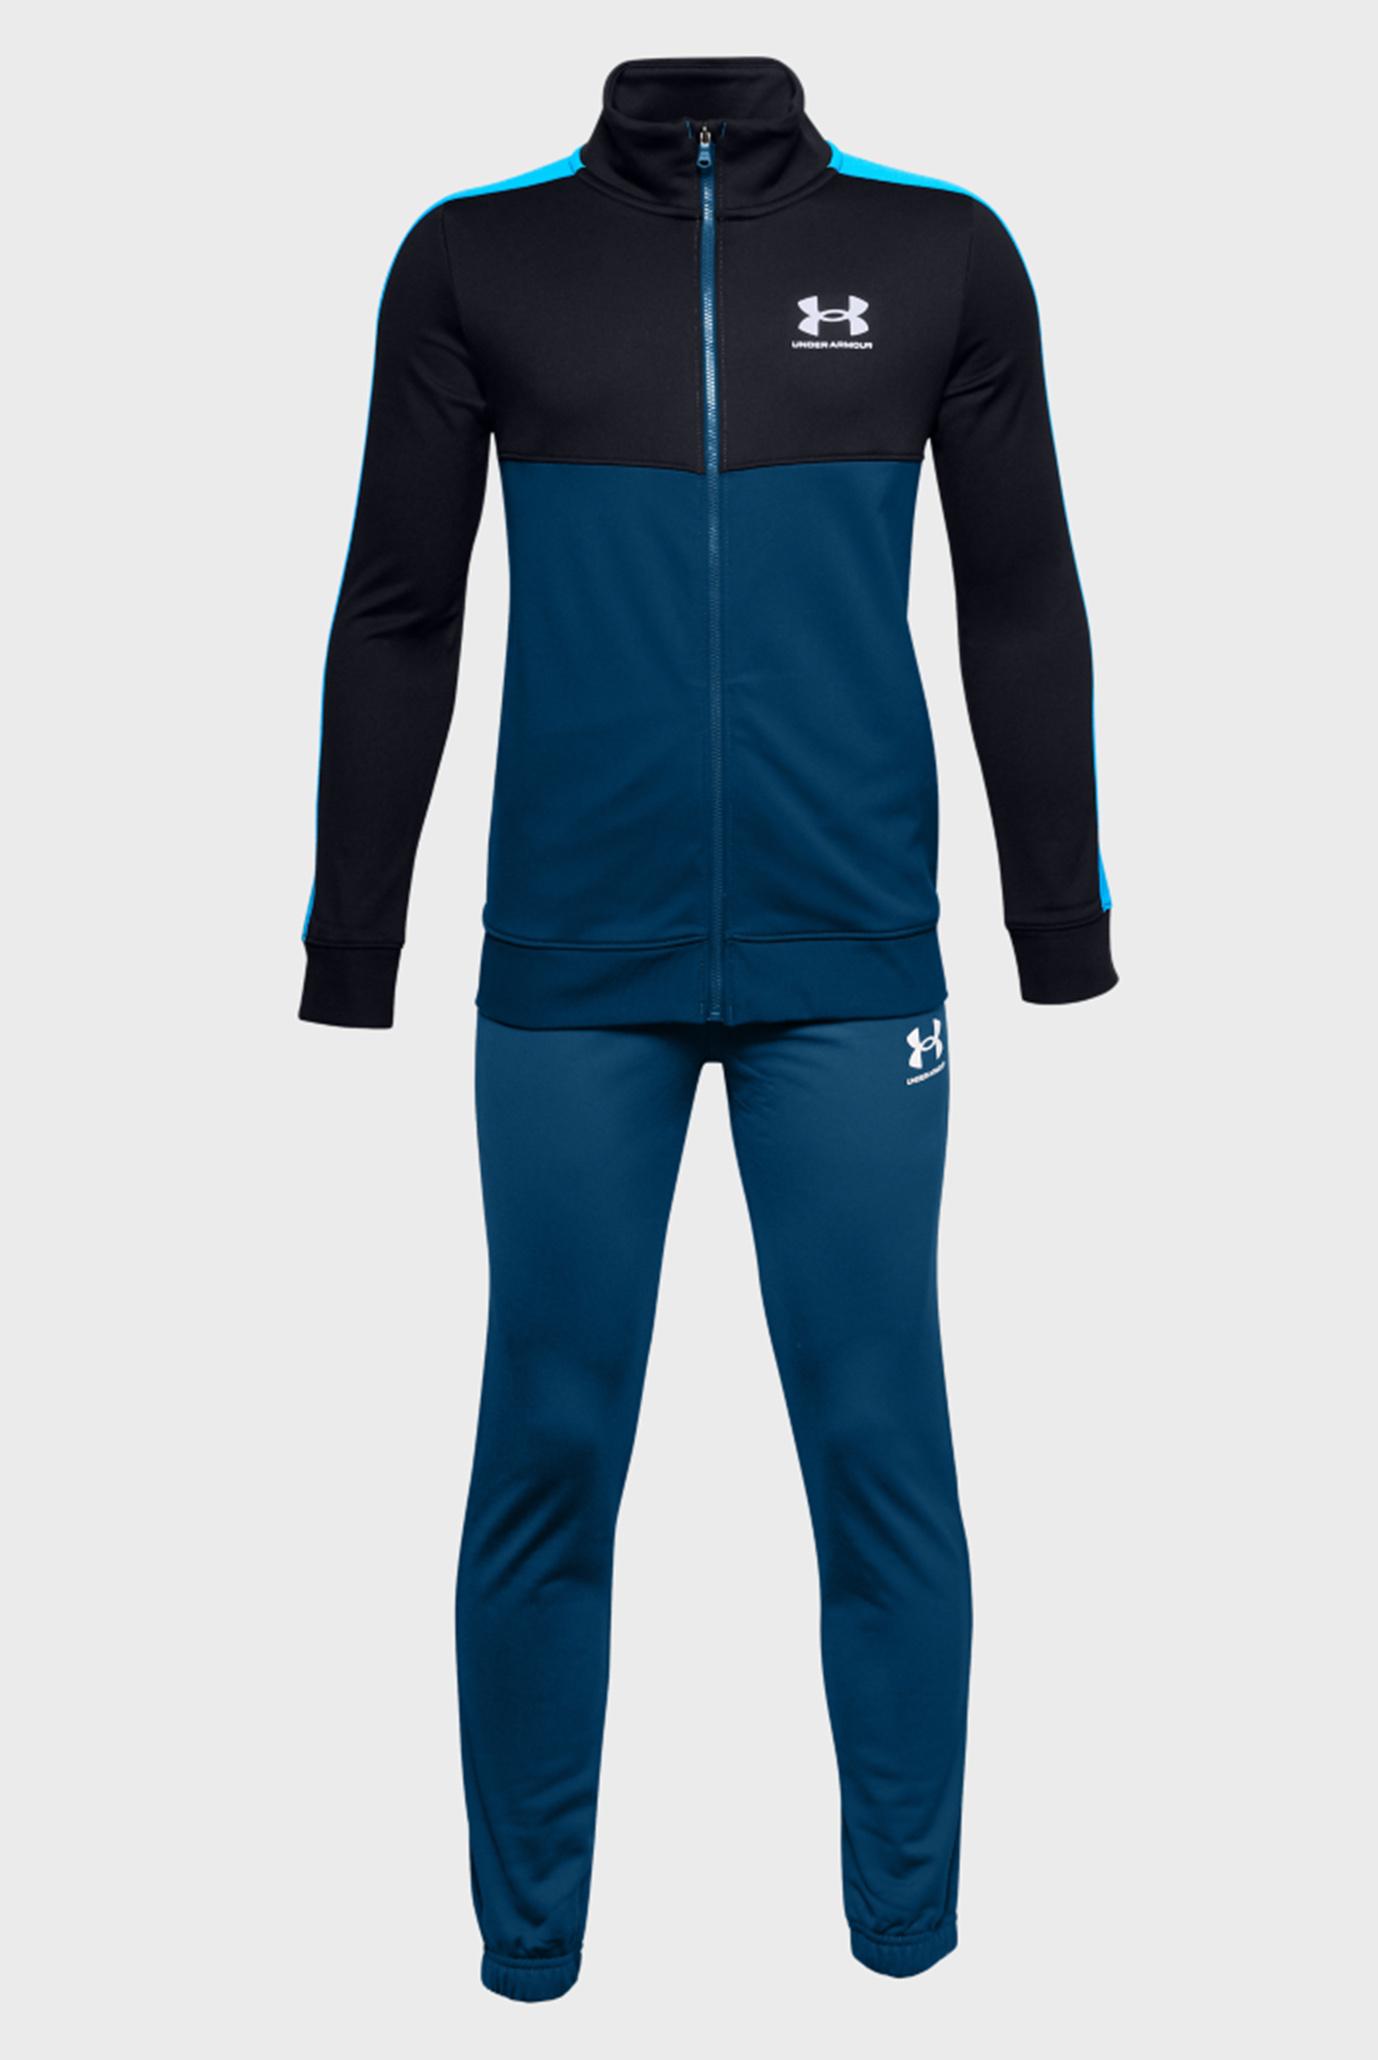 Дитячий синій спортивний костюм (кофта, штани) 1